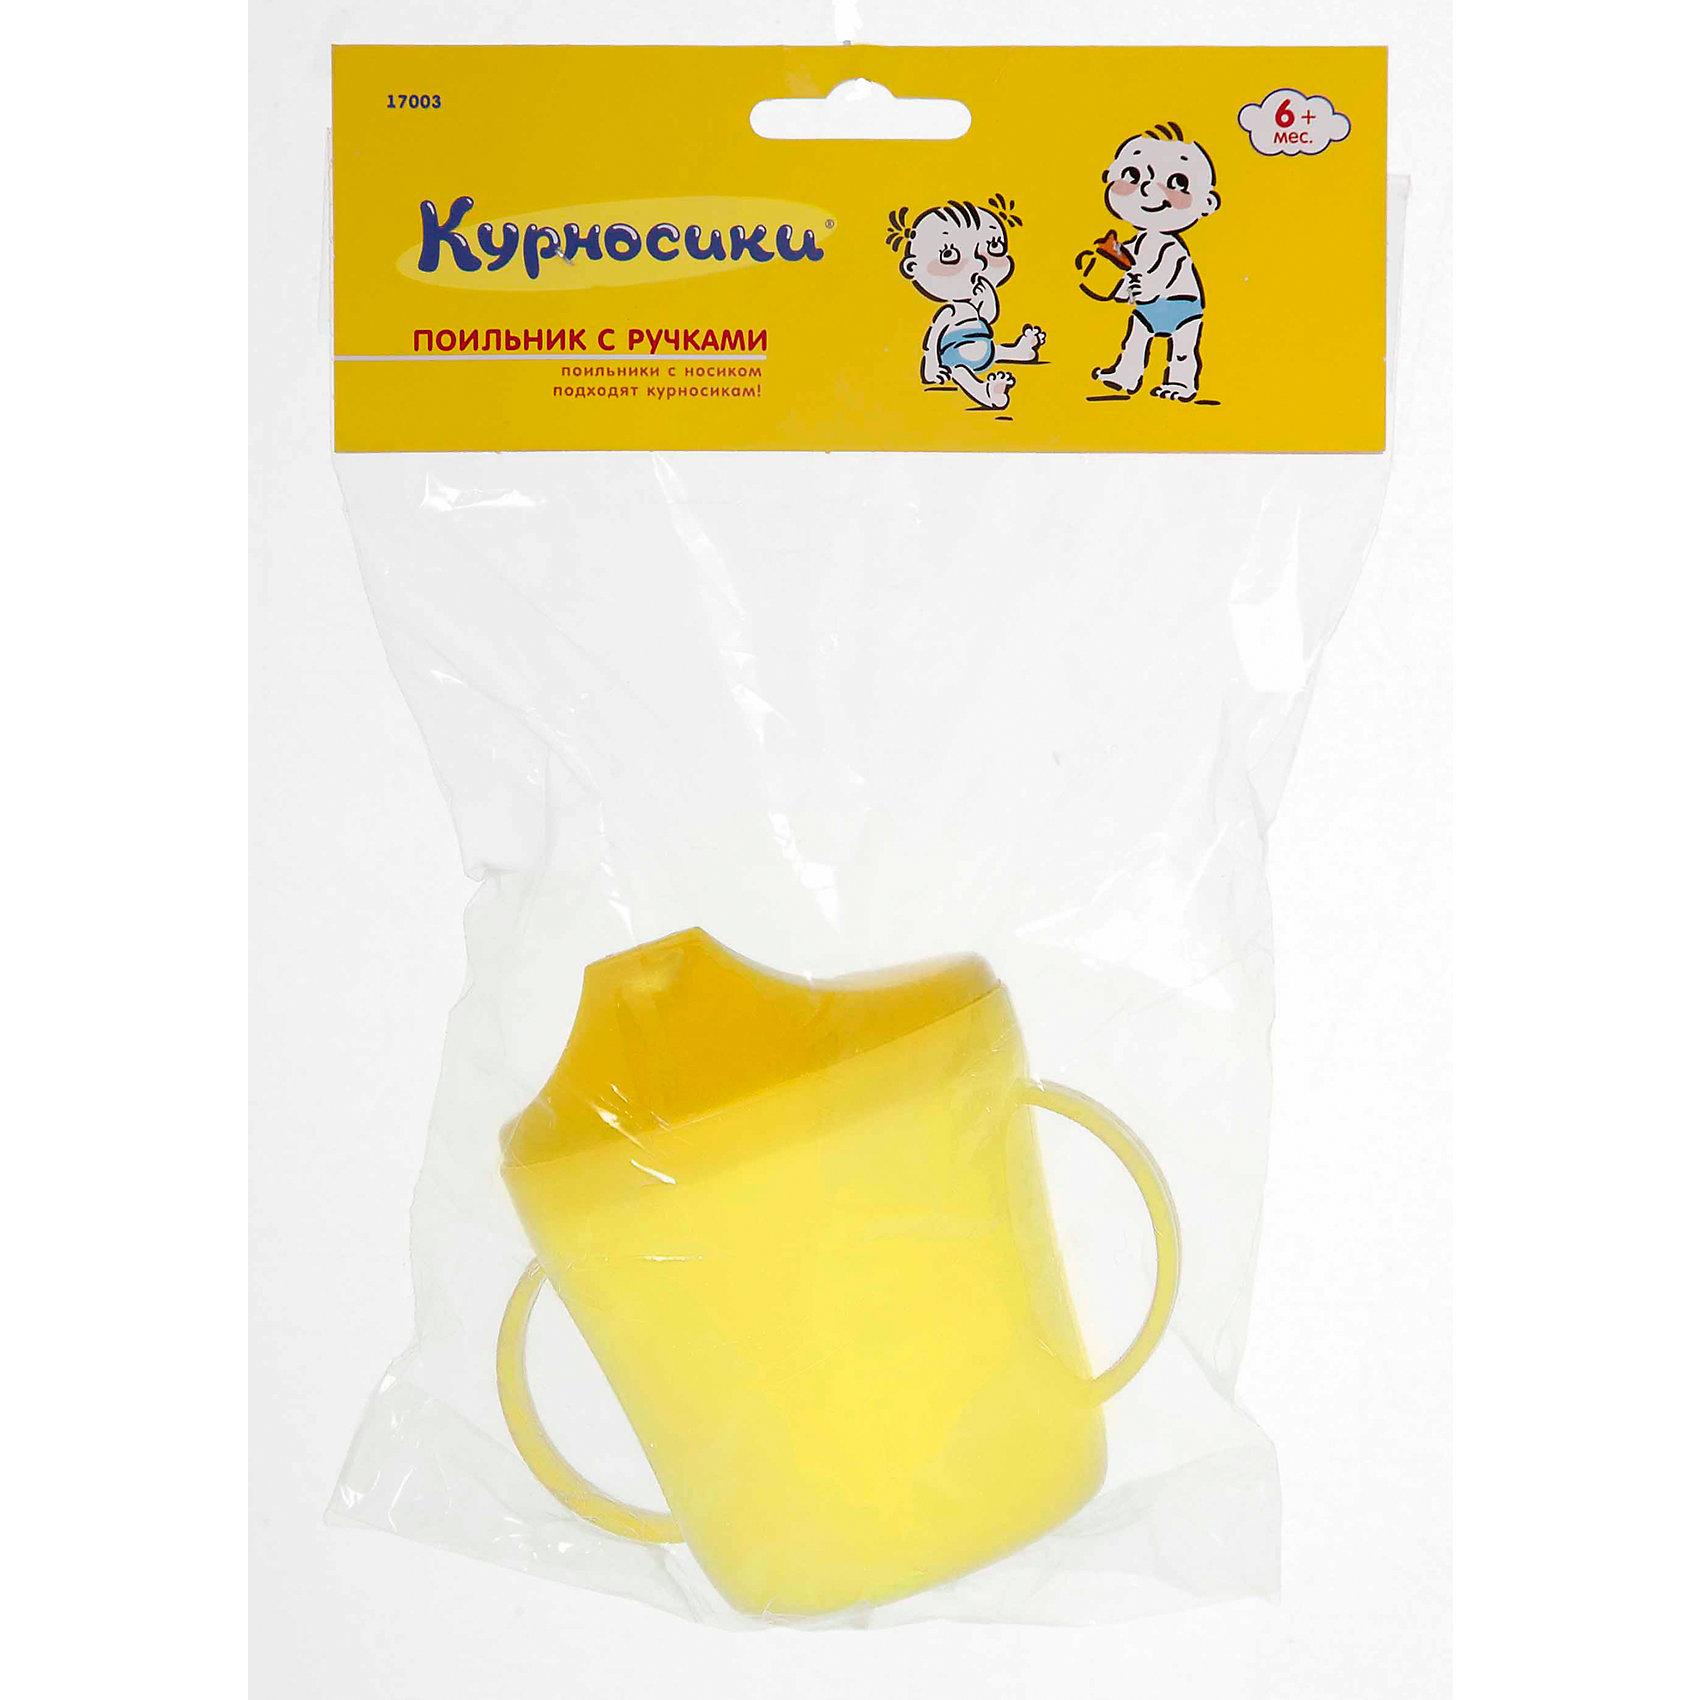 Курносики Поильник с ручками, 200мл, Kurnosiki, желтый